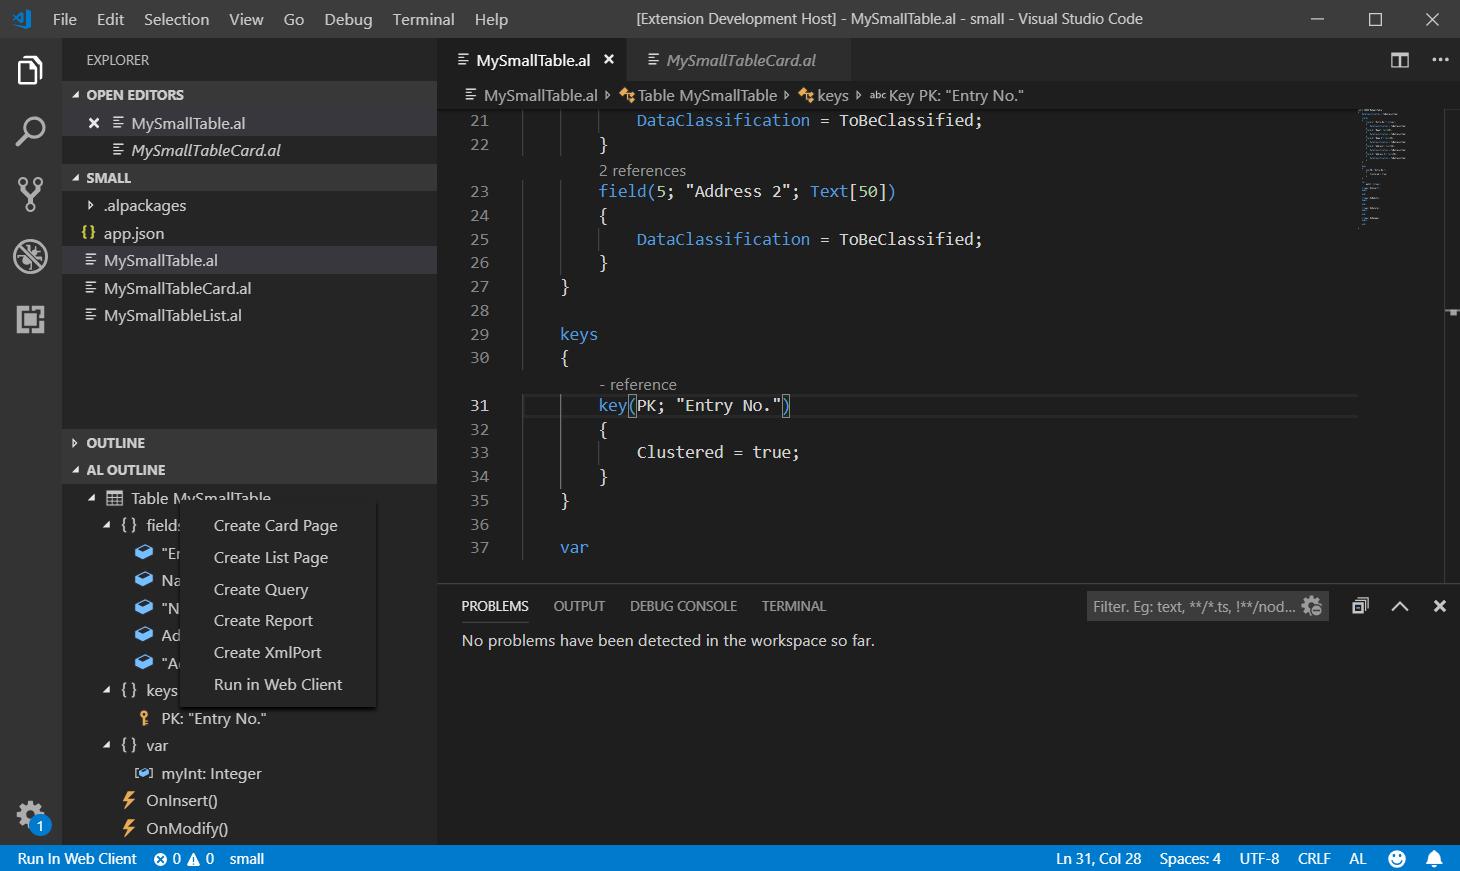 AL outline panel context menu